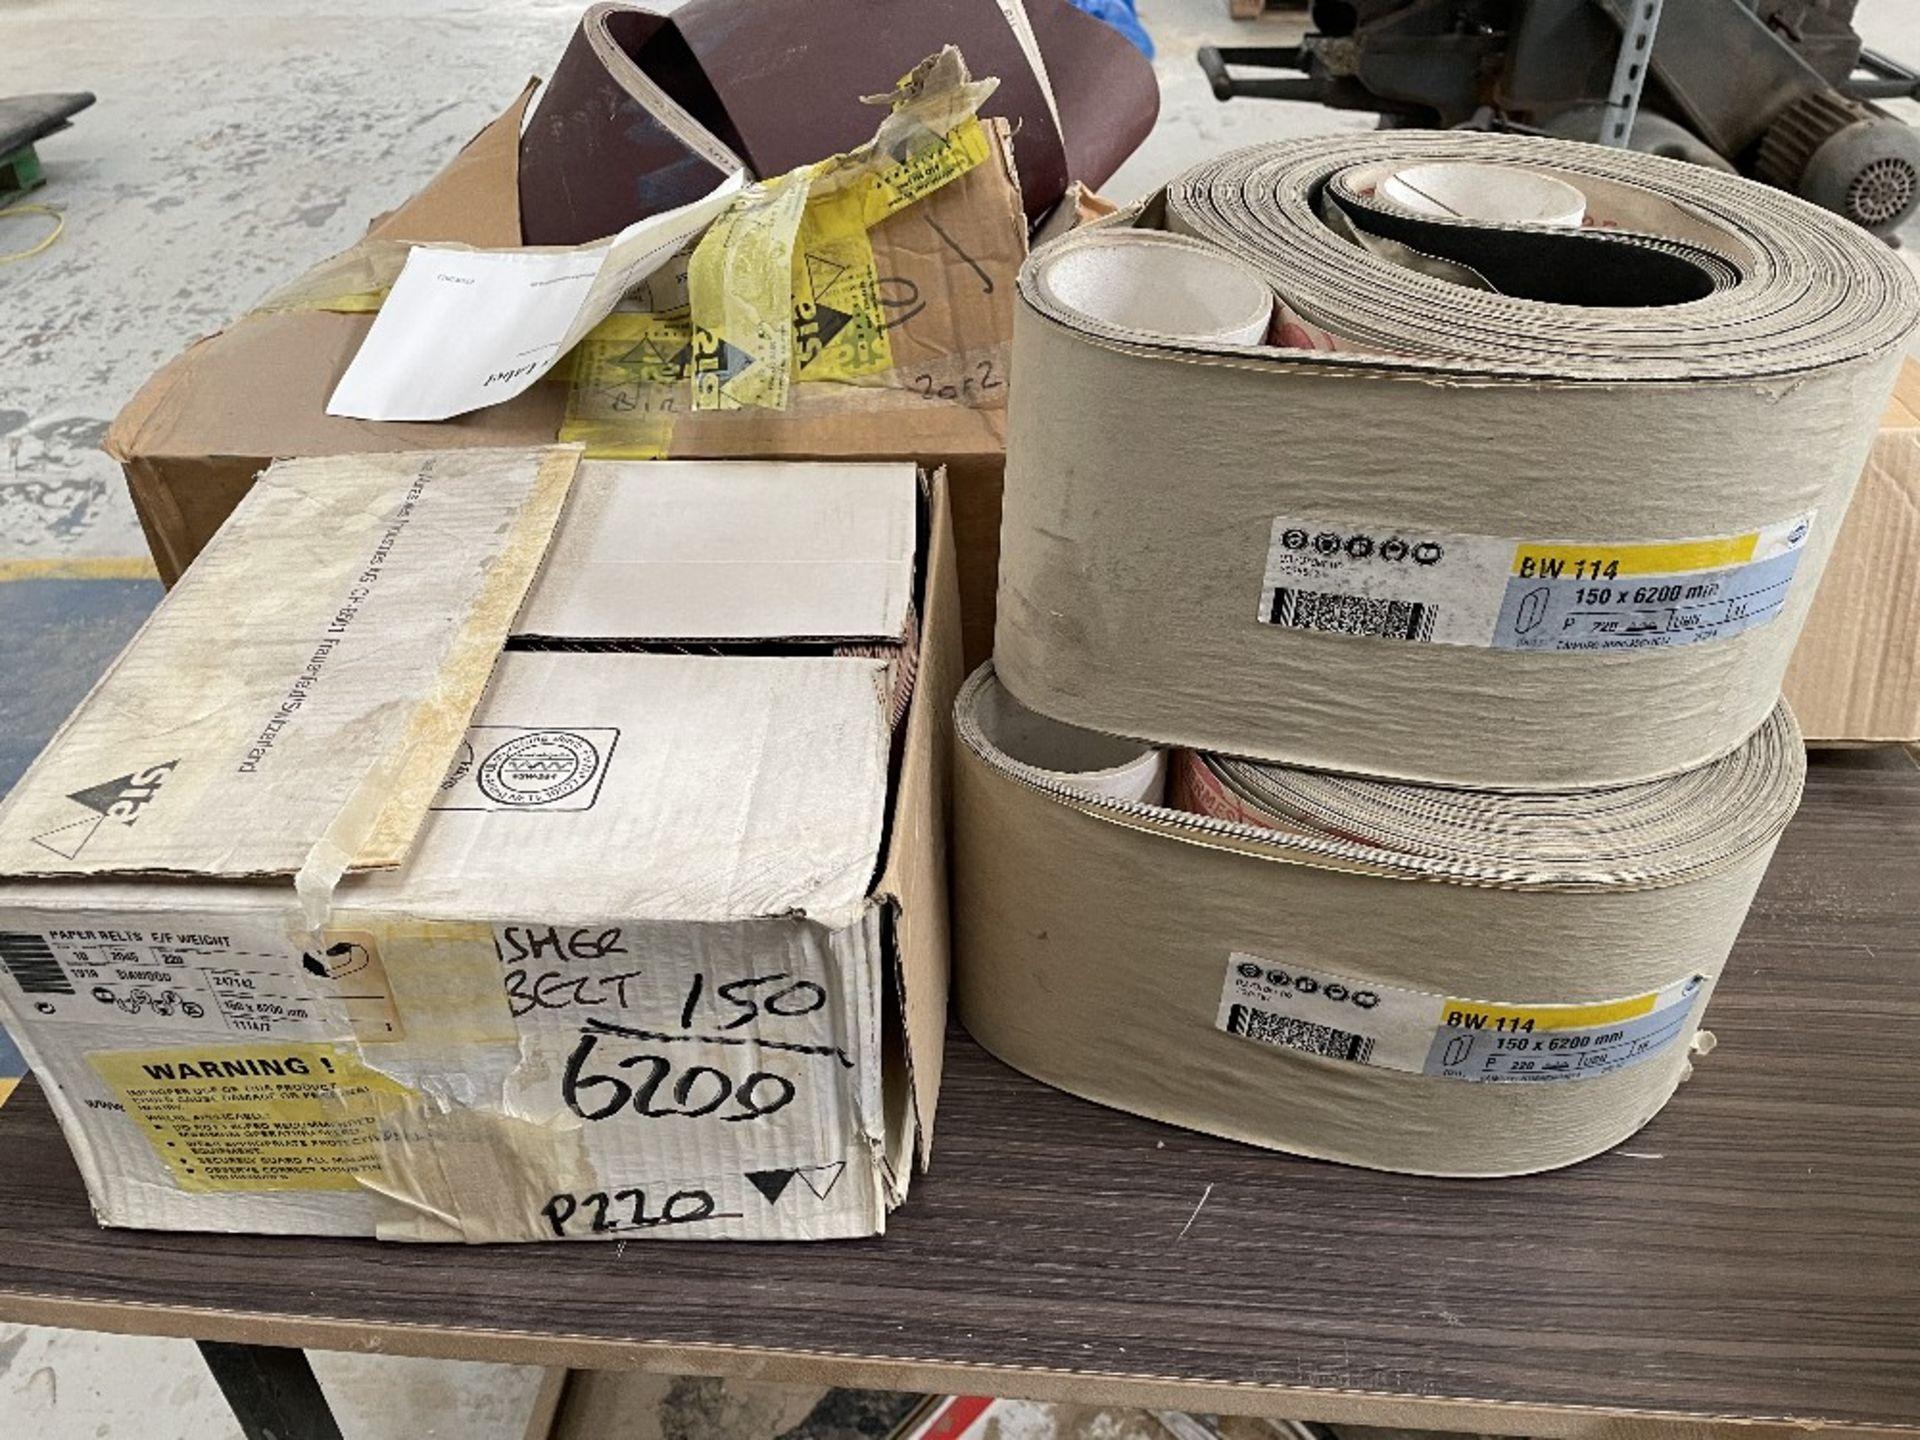 Felder FS 2200 Belt Sander w/ Spare Sanding Belts & Pads - Image 12 of 13